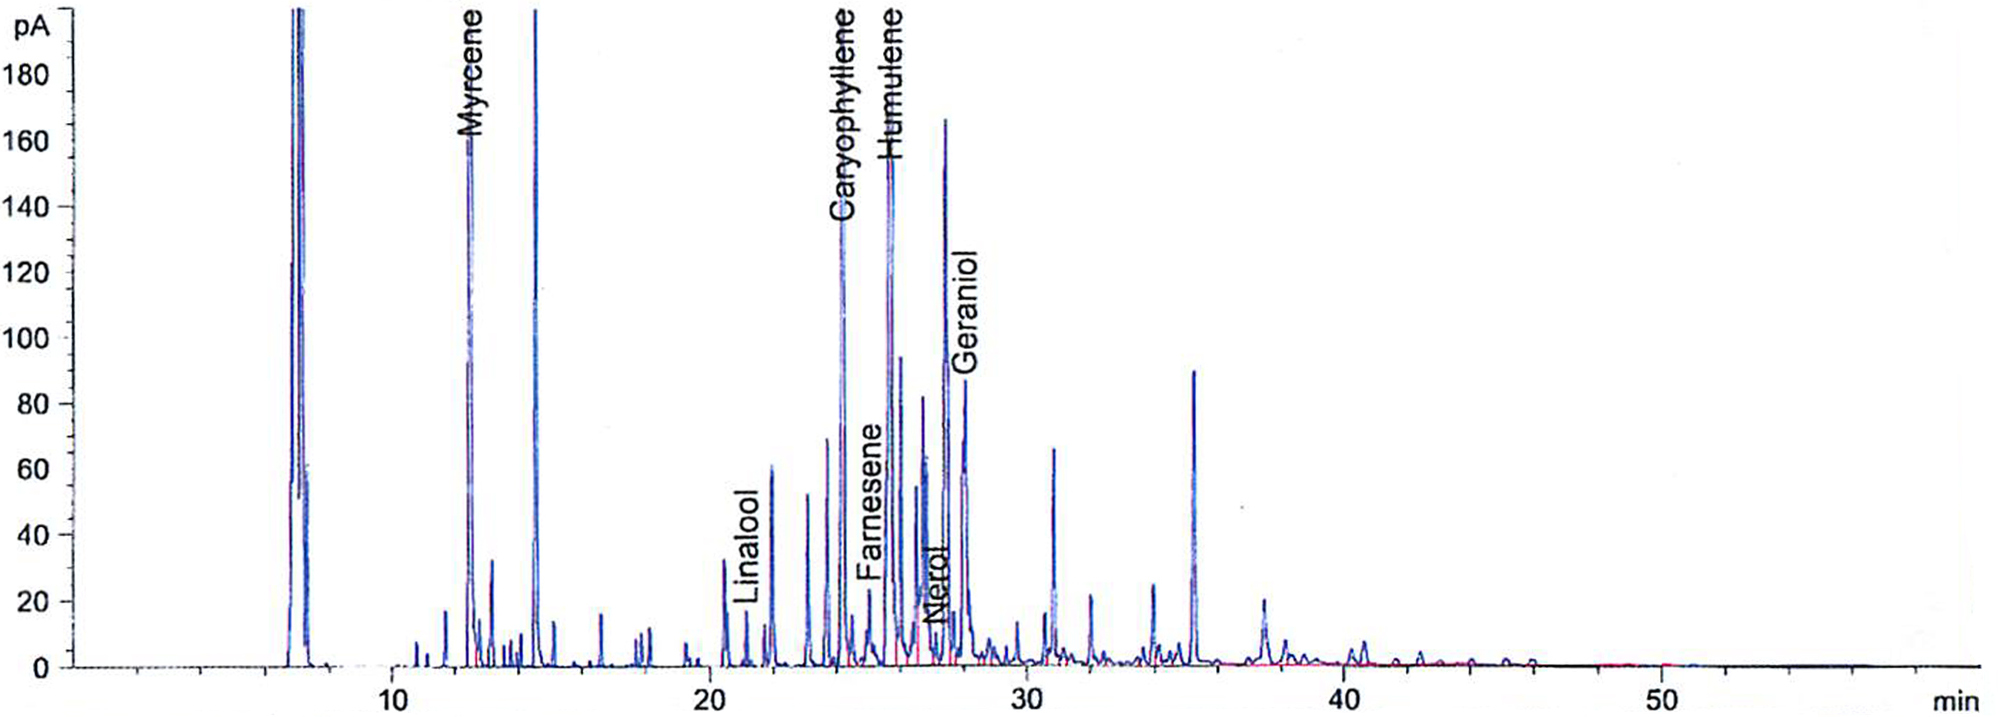 ADHA 484 Graph